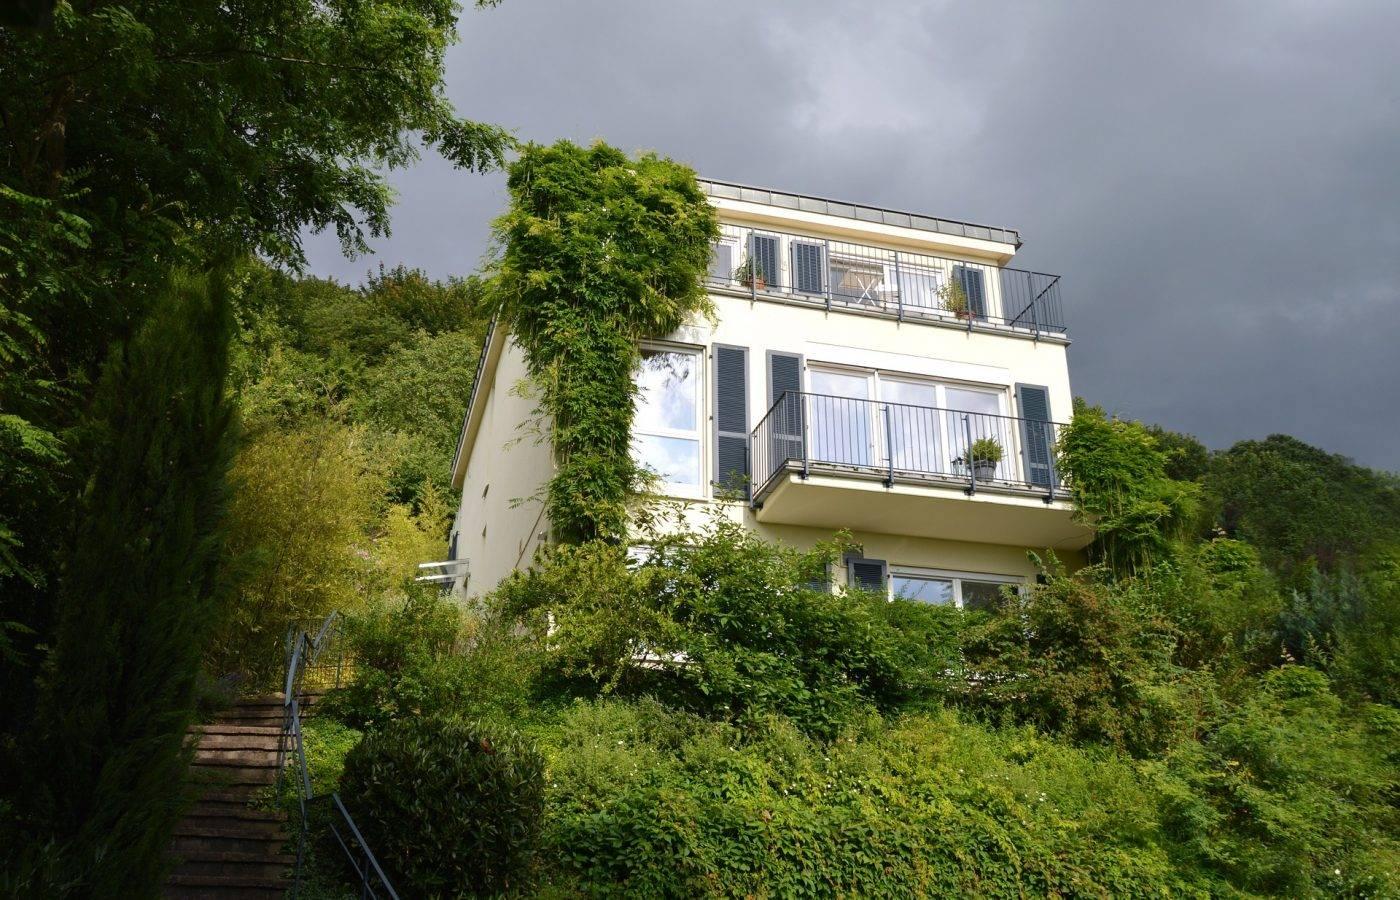 haus-grundstueck-immobilie-verkaufen